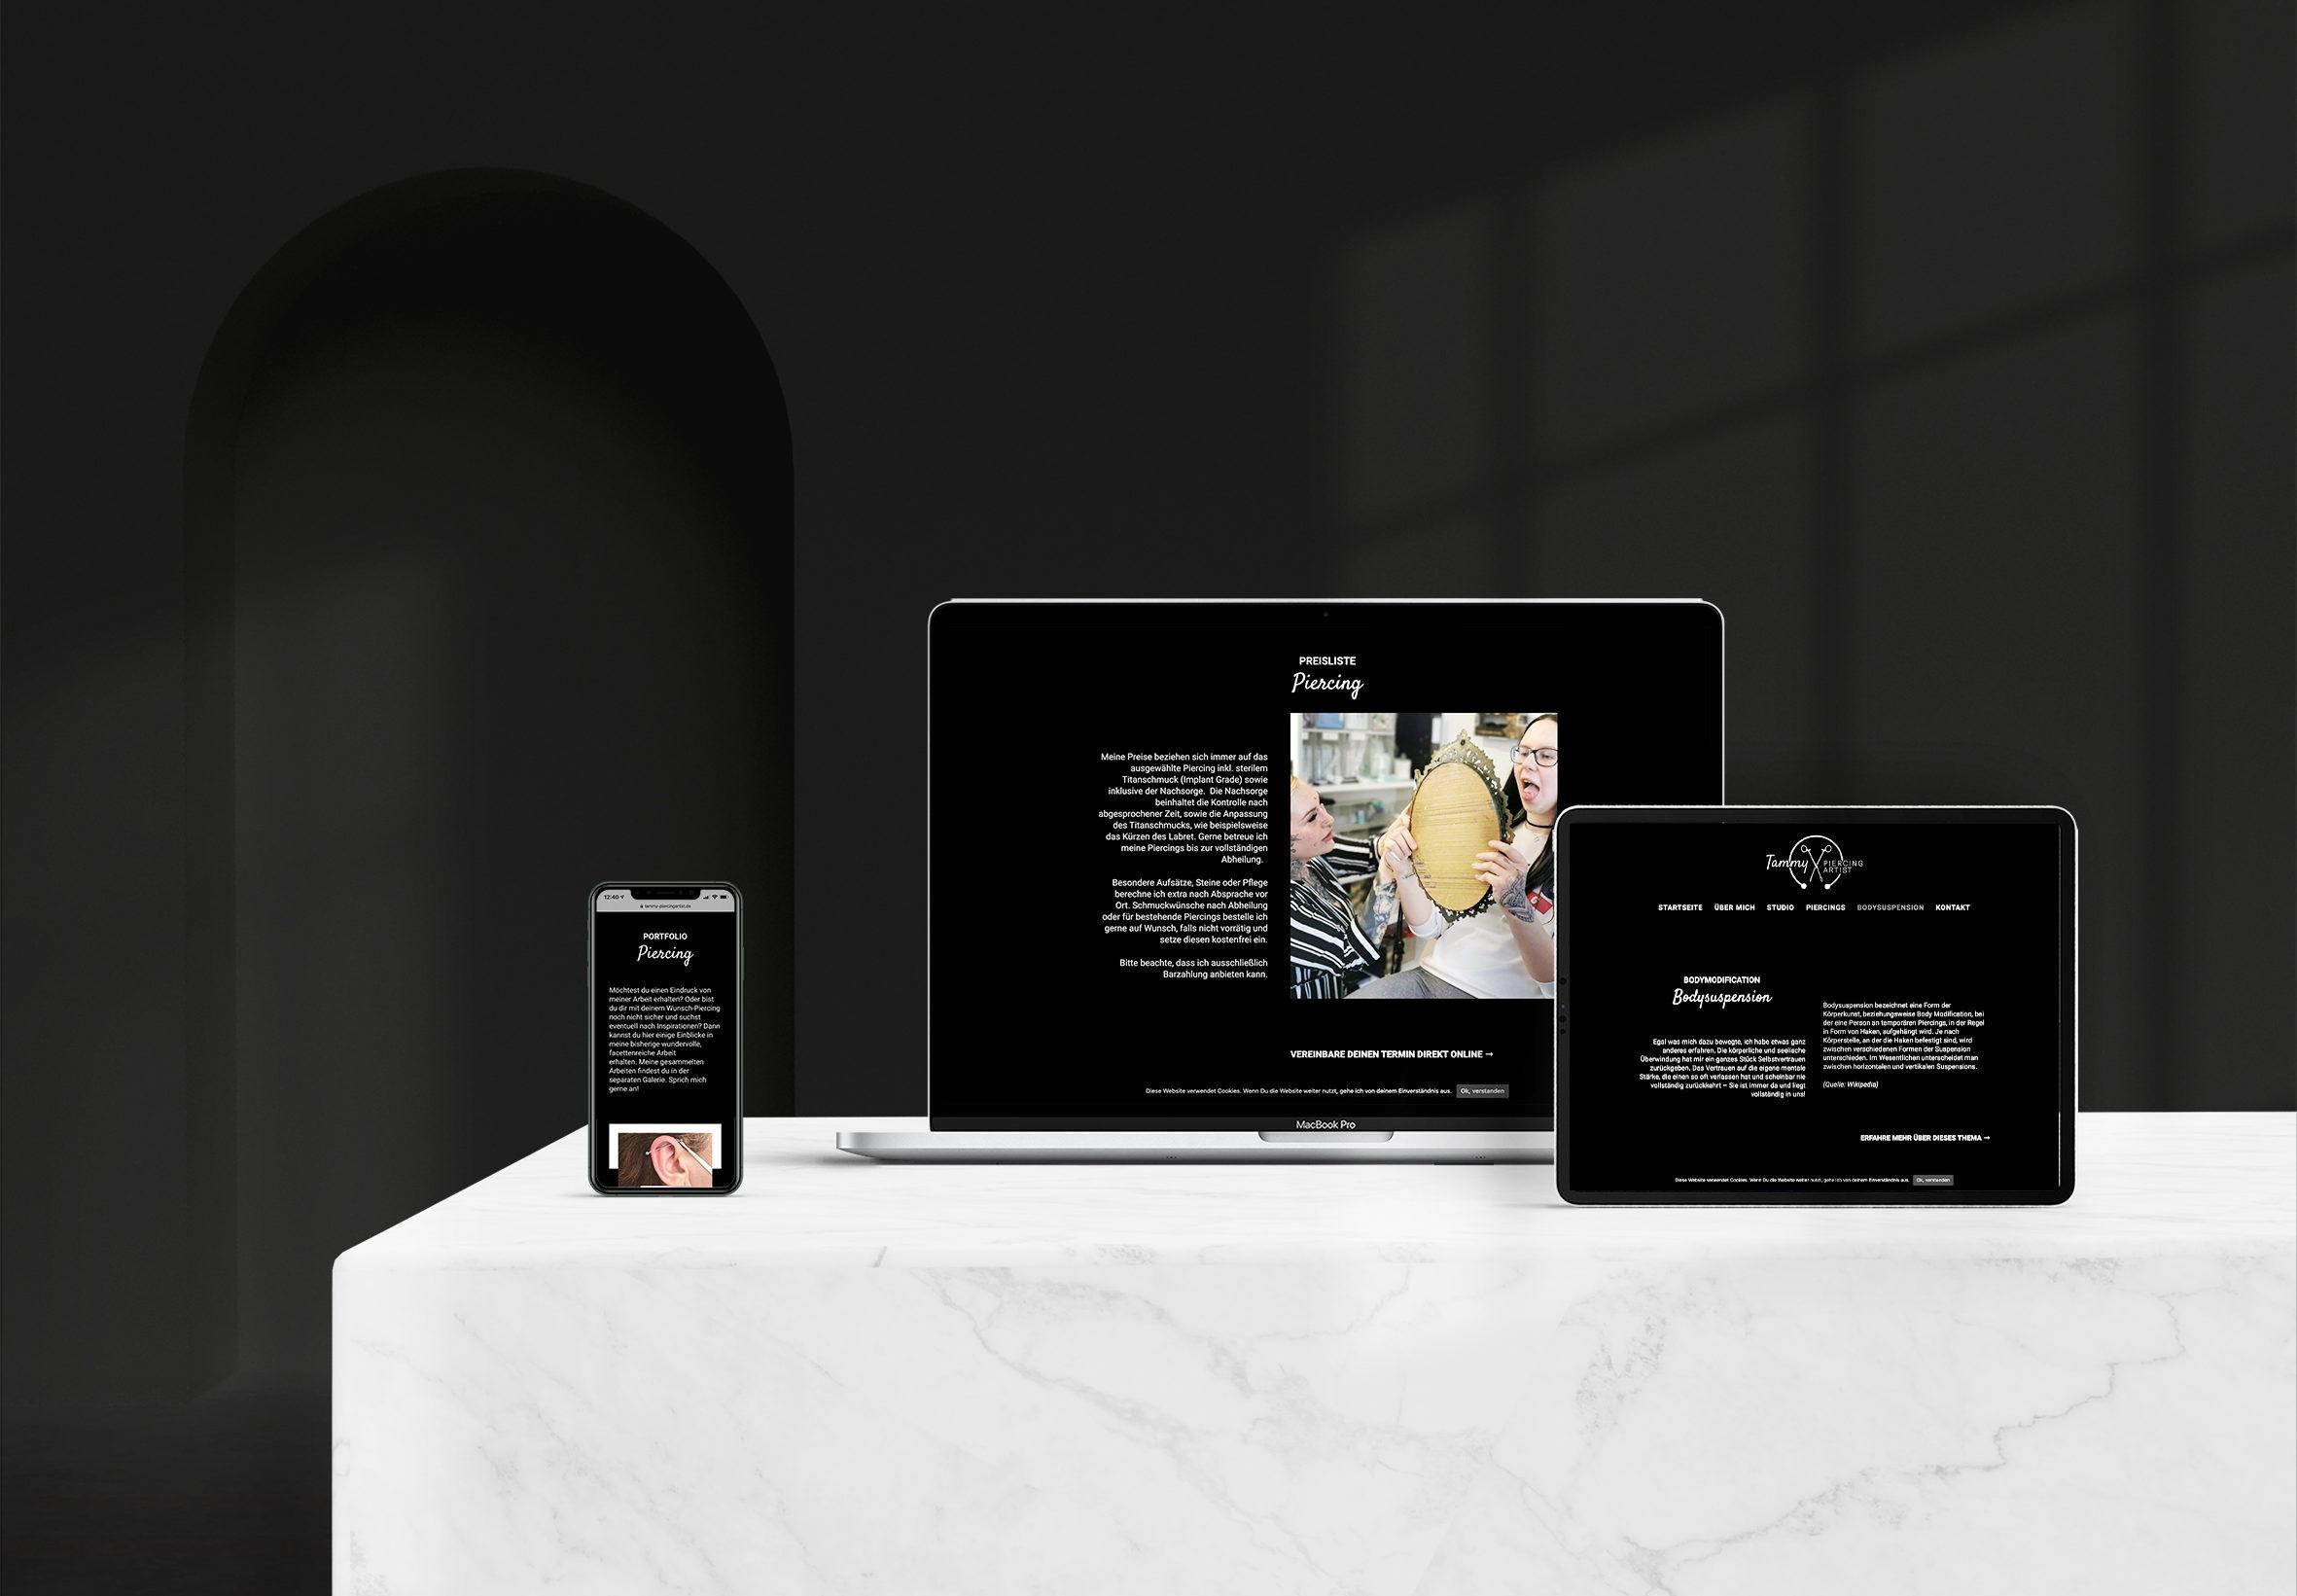 Webdesign Tammy Piercing Artist Website